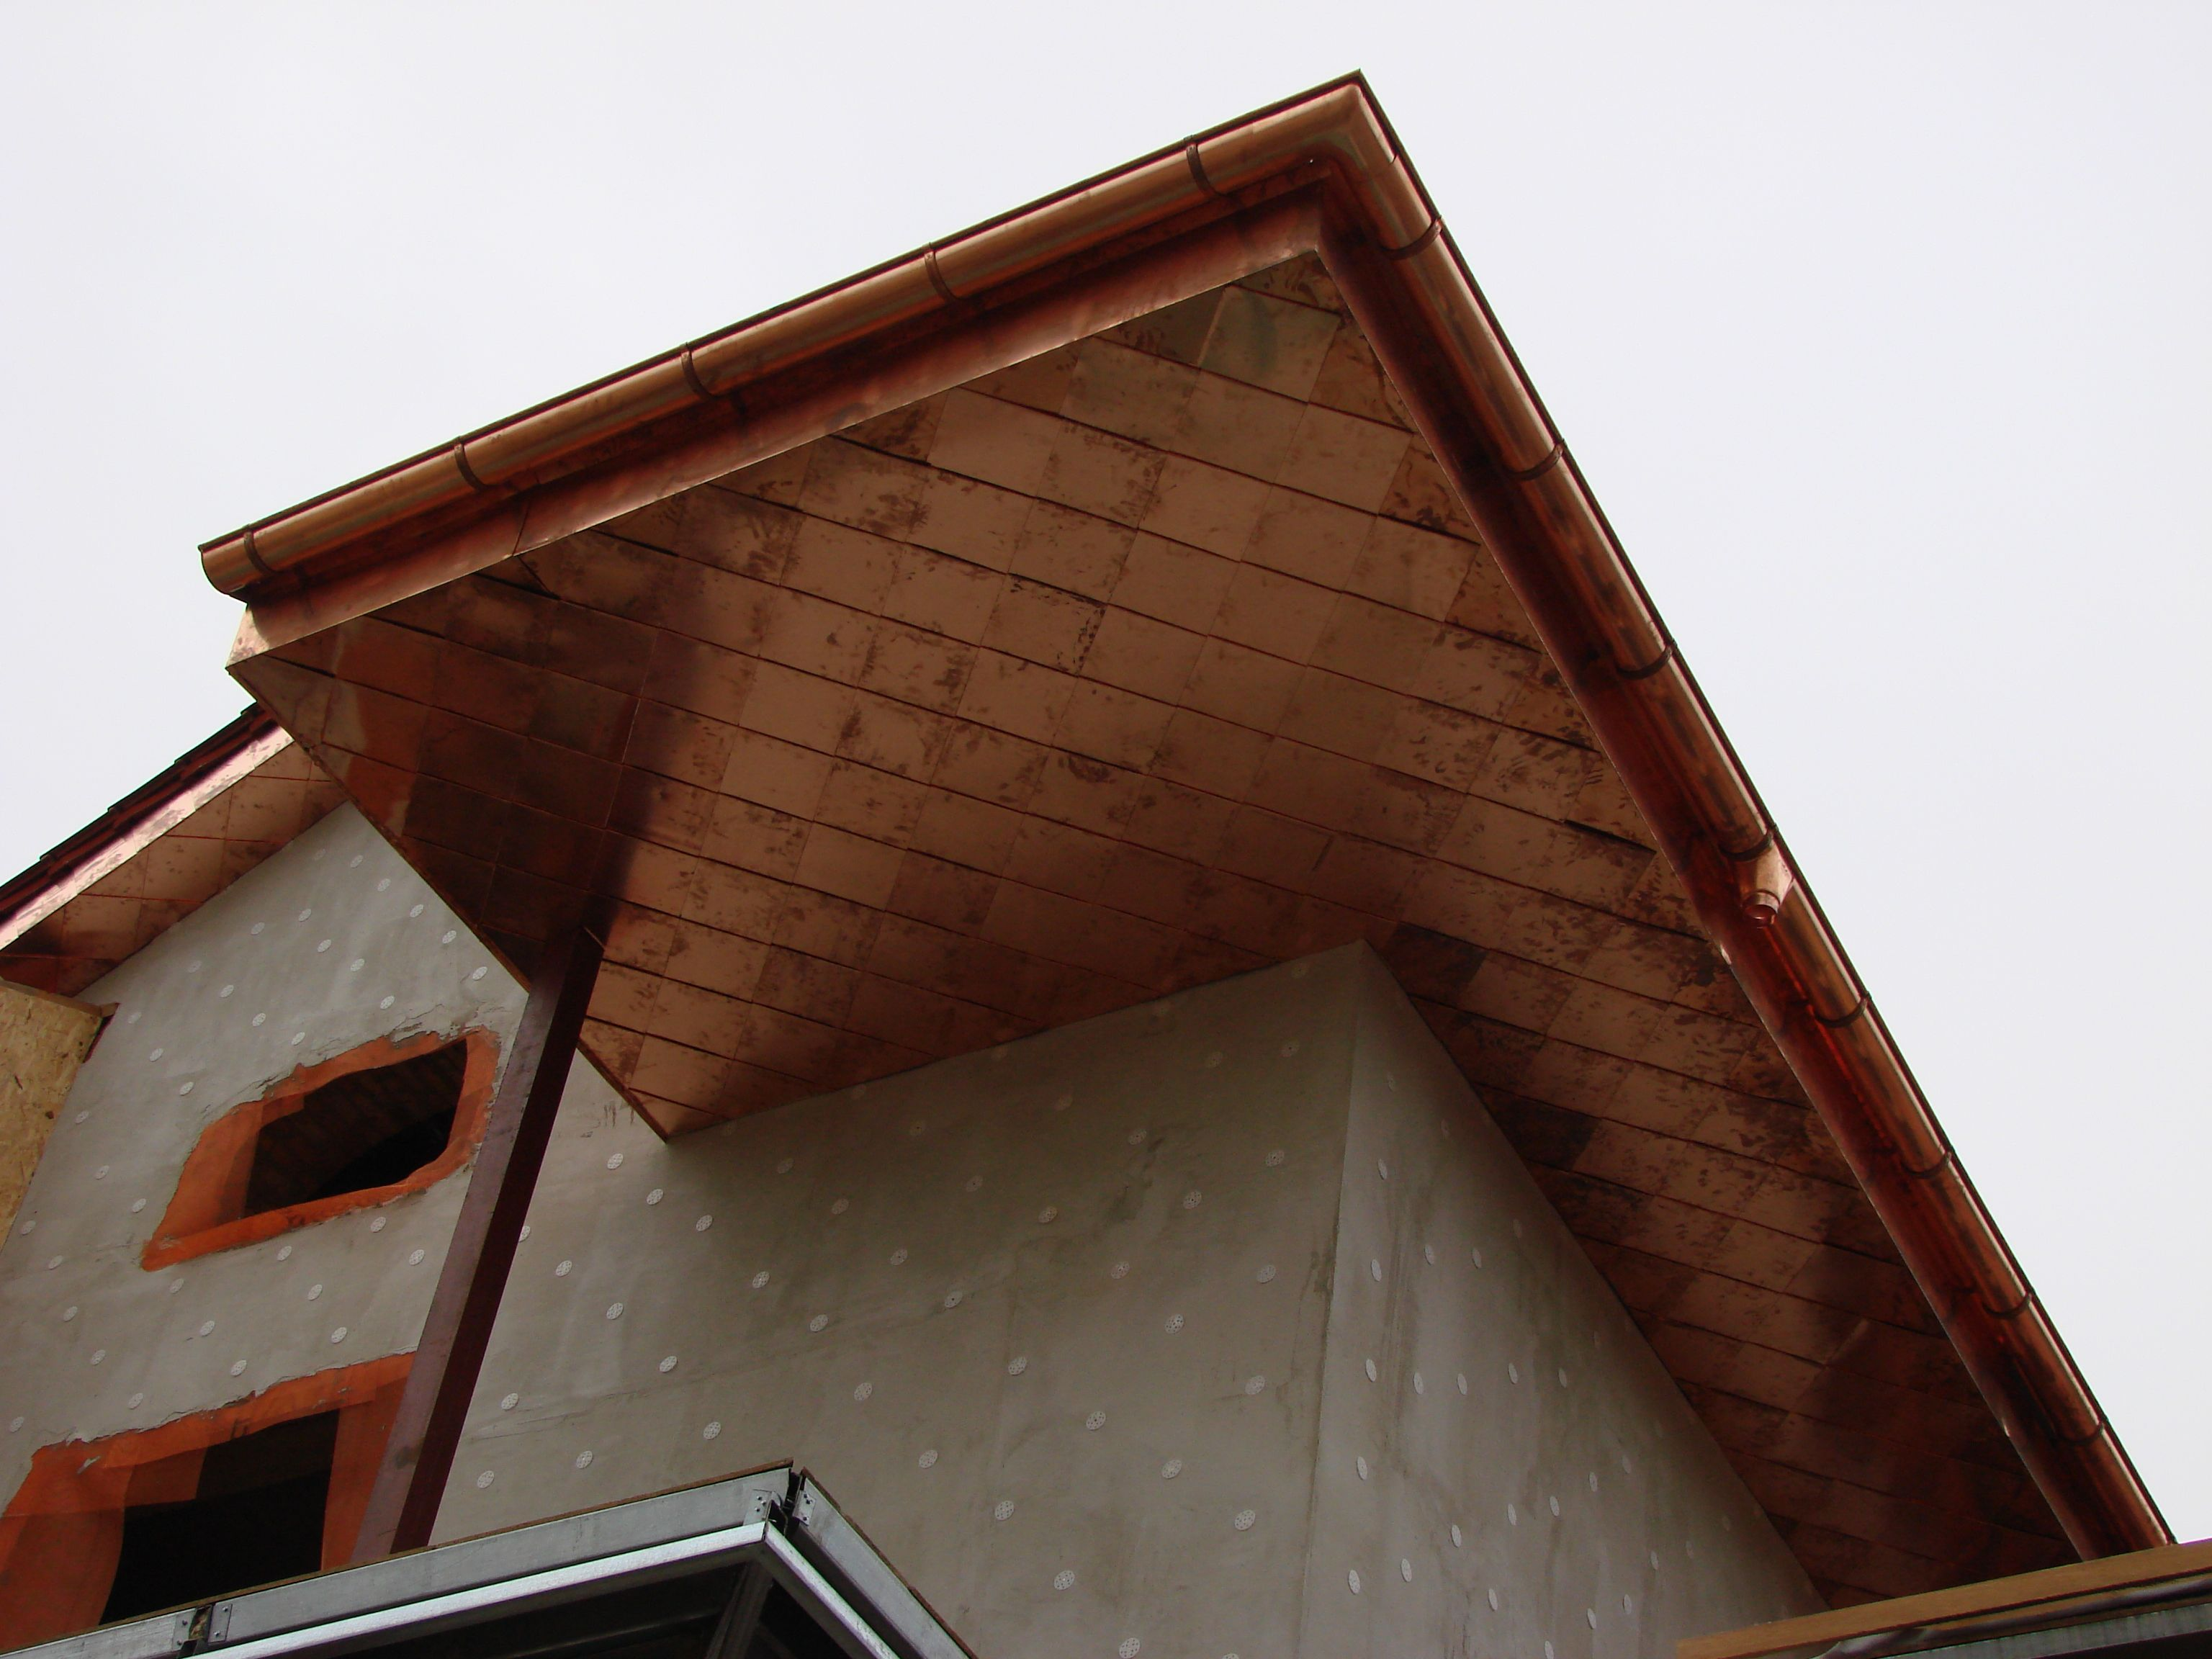 Carskij Kirpich Https Www Ruskir Ru Ruchnoj Raboty Mozhete Stat Dilerom Copper In Architecture Copper Roof Roof Design